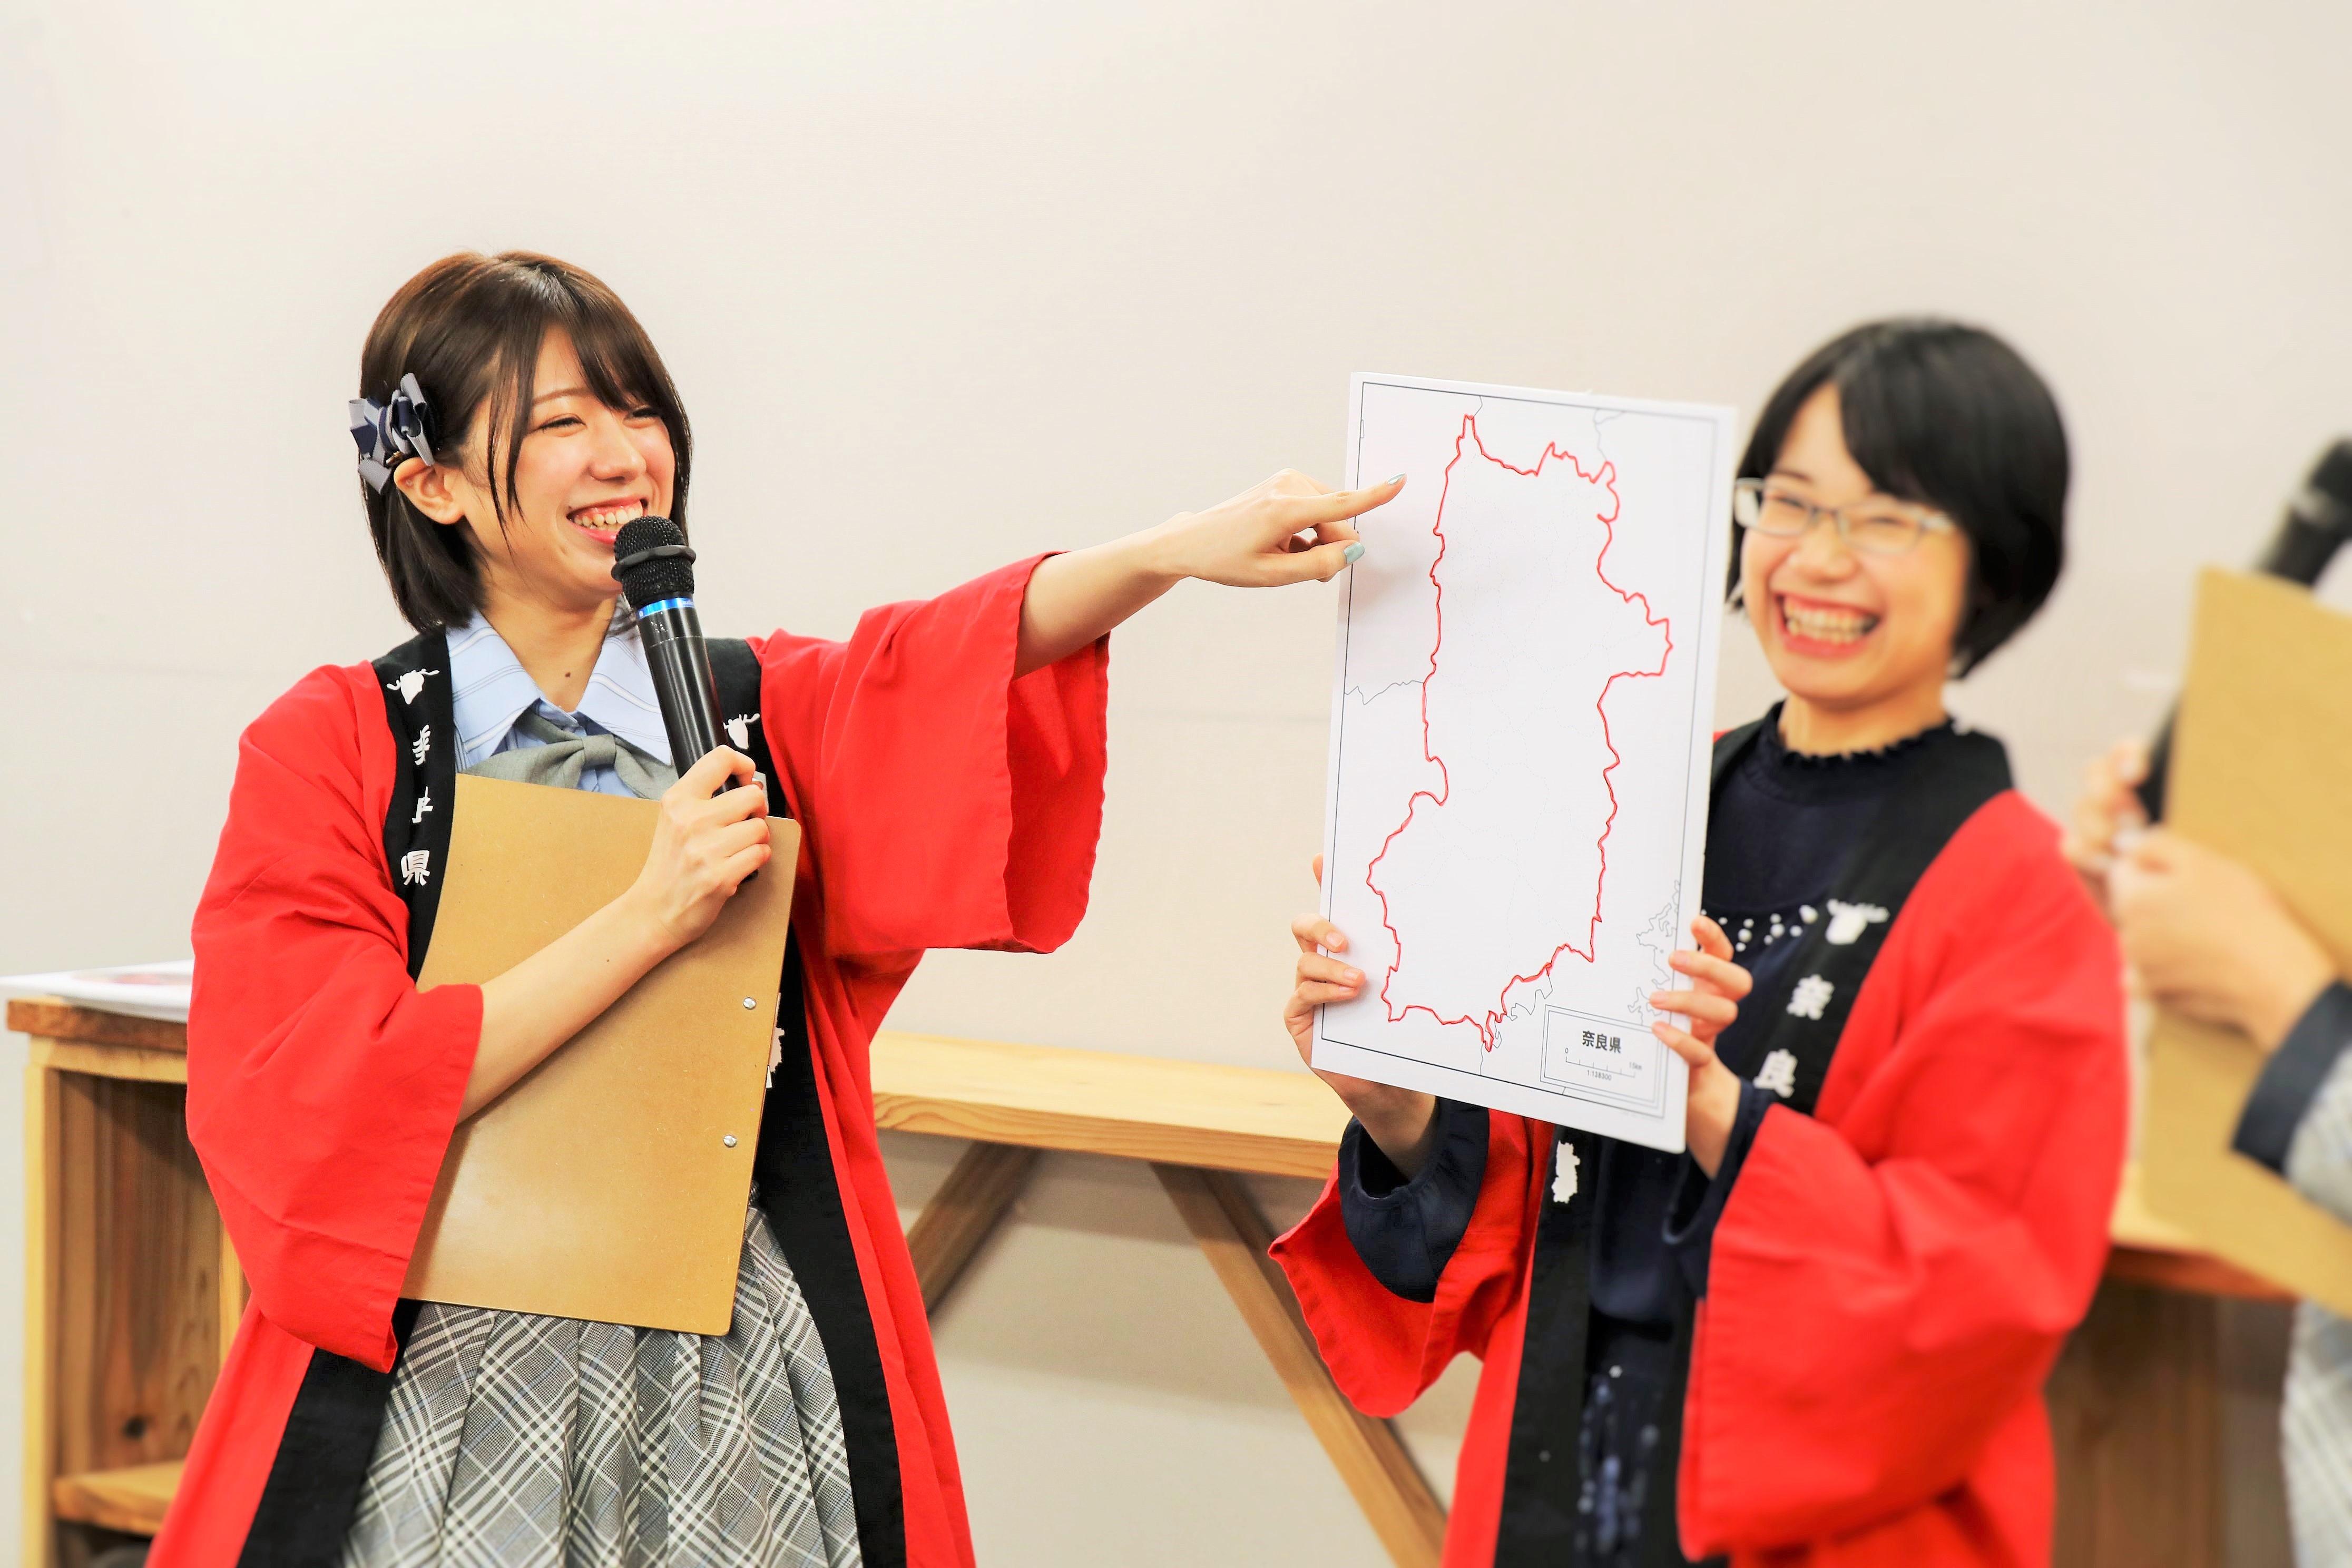 「奈良まほろば館」で奈良県特別観光セミナーでの大西桃香(左)